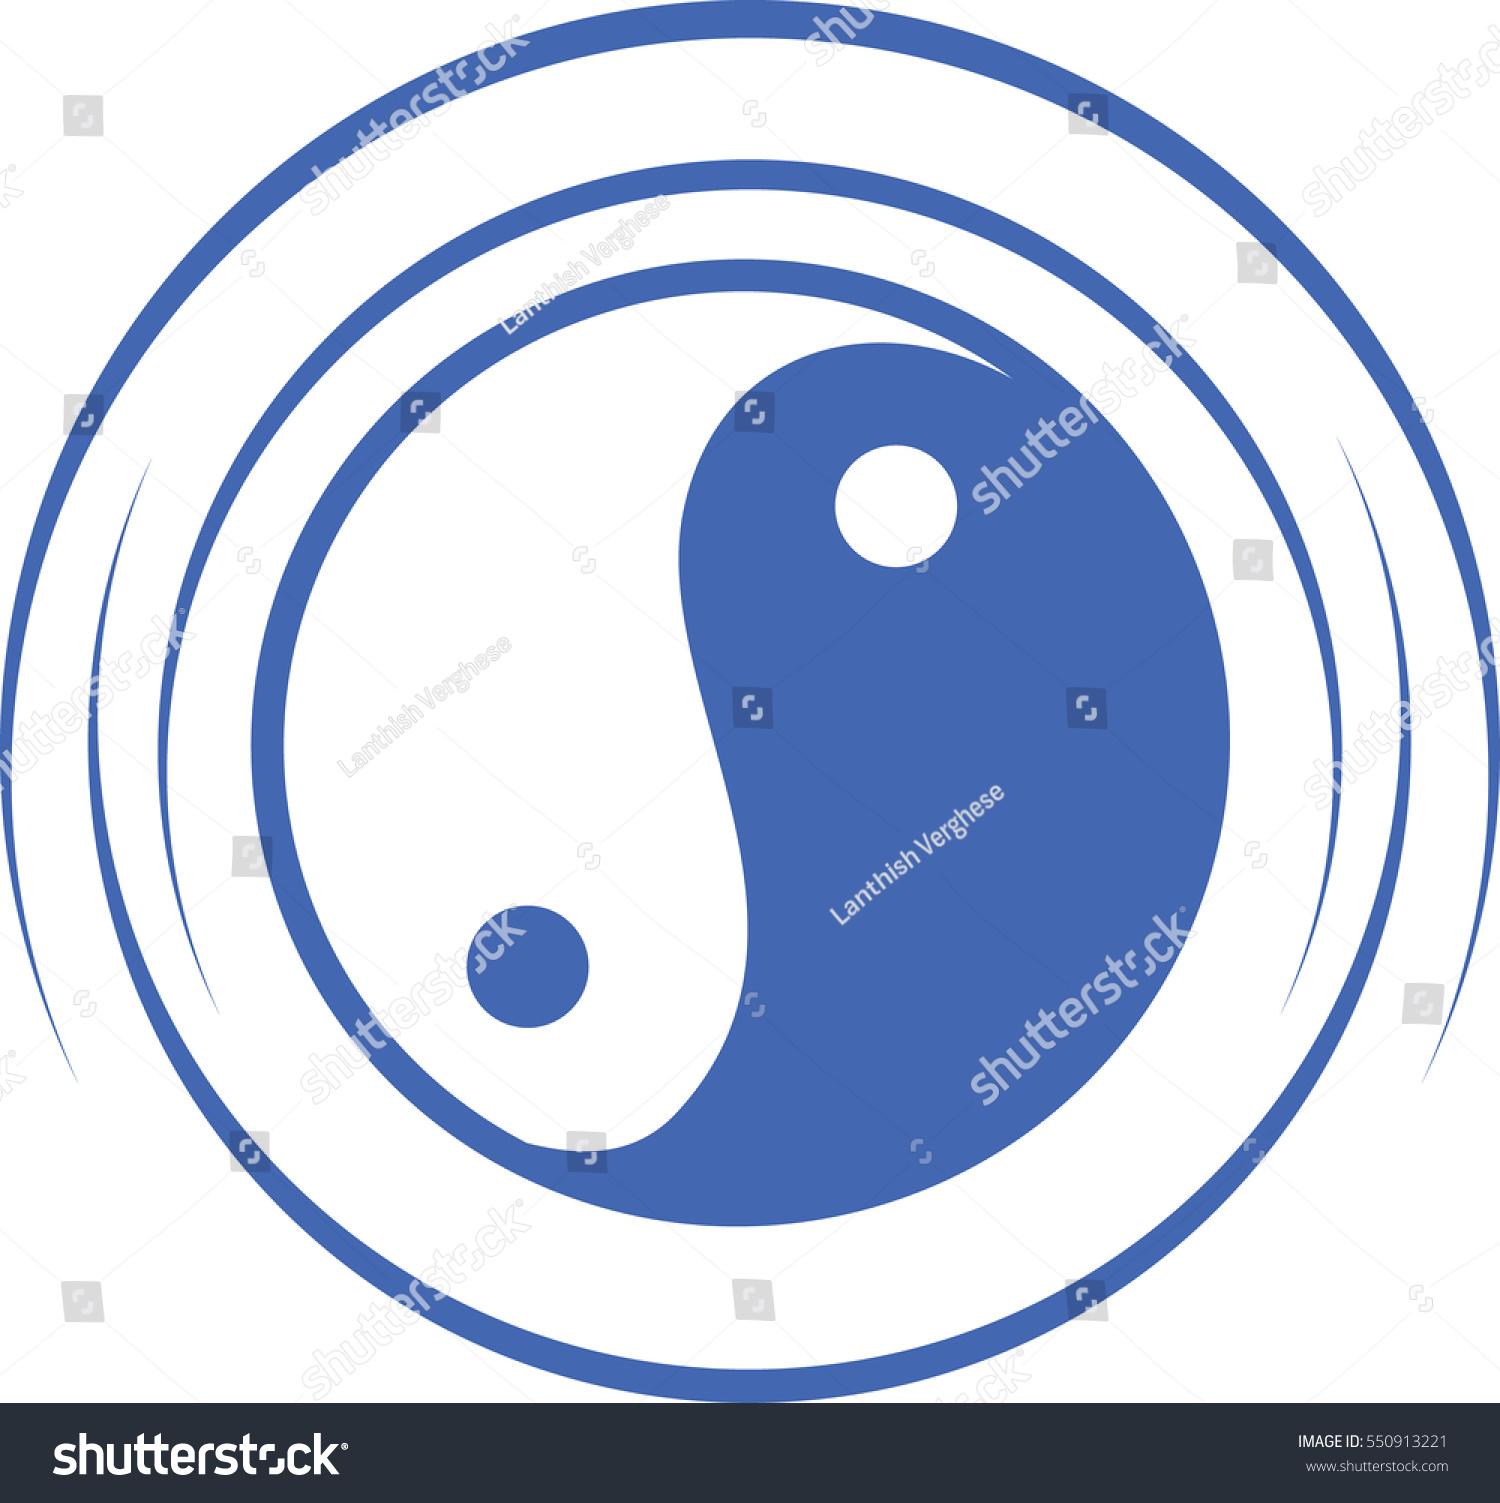 chinese symbol yin yang stock vector 550913221 shutterstock rh shutterstock com Yin and Yang Meaning Yin Yang Symbol Lightning